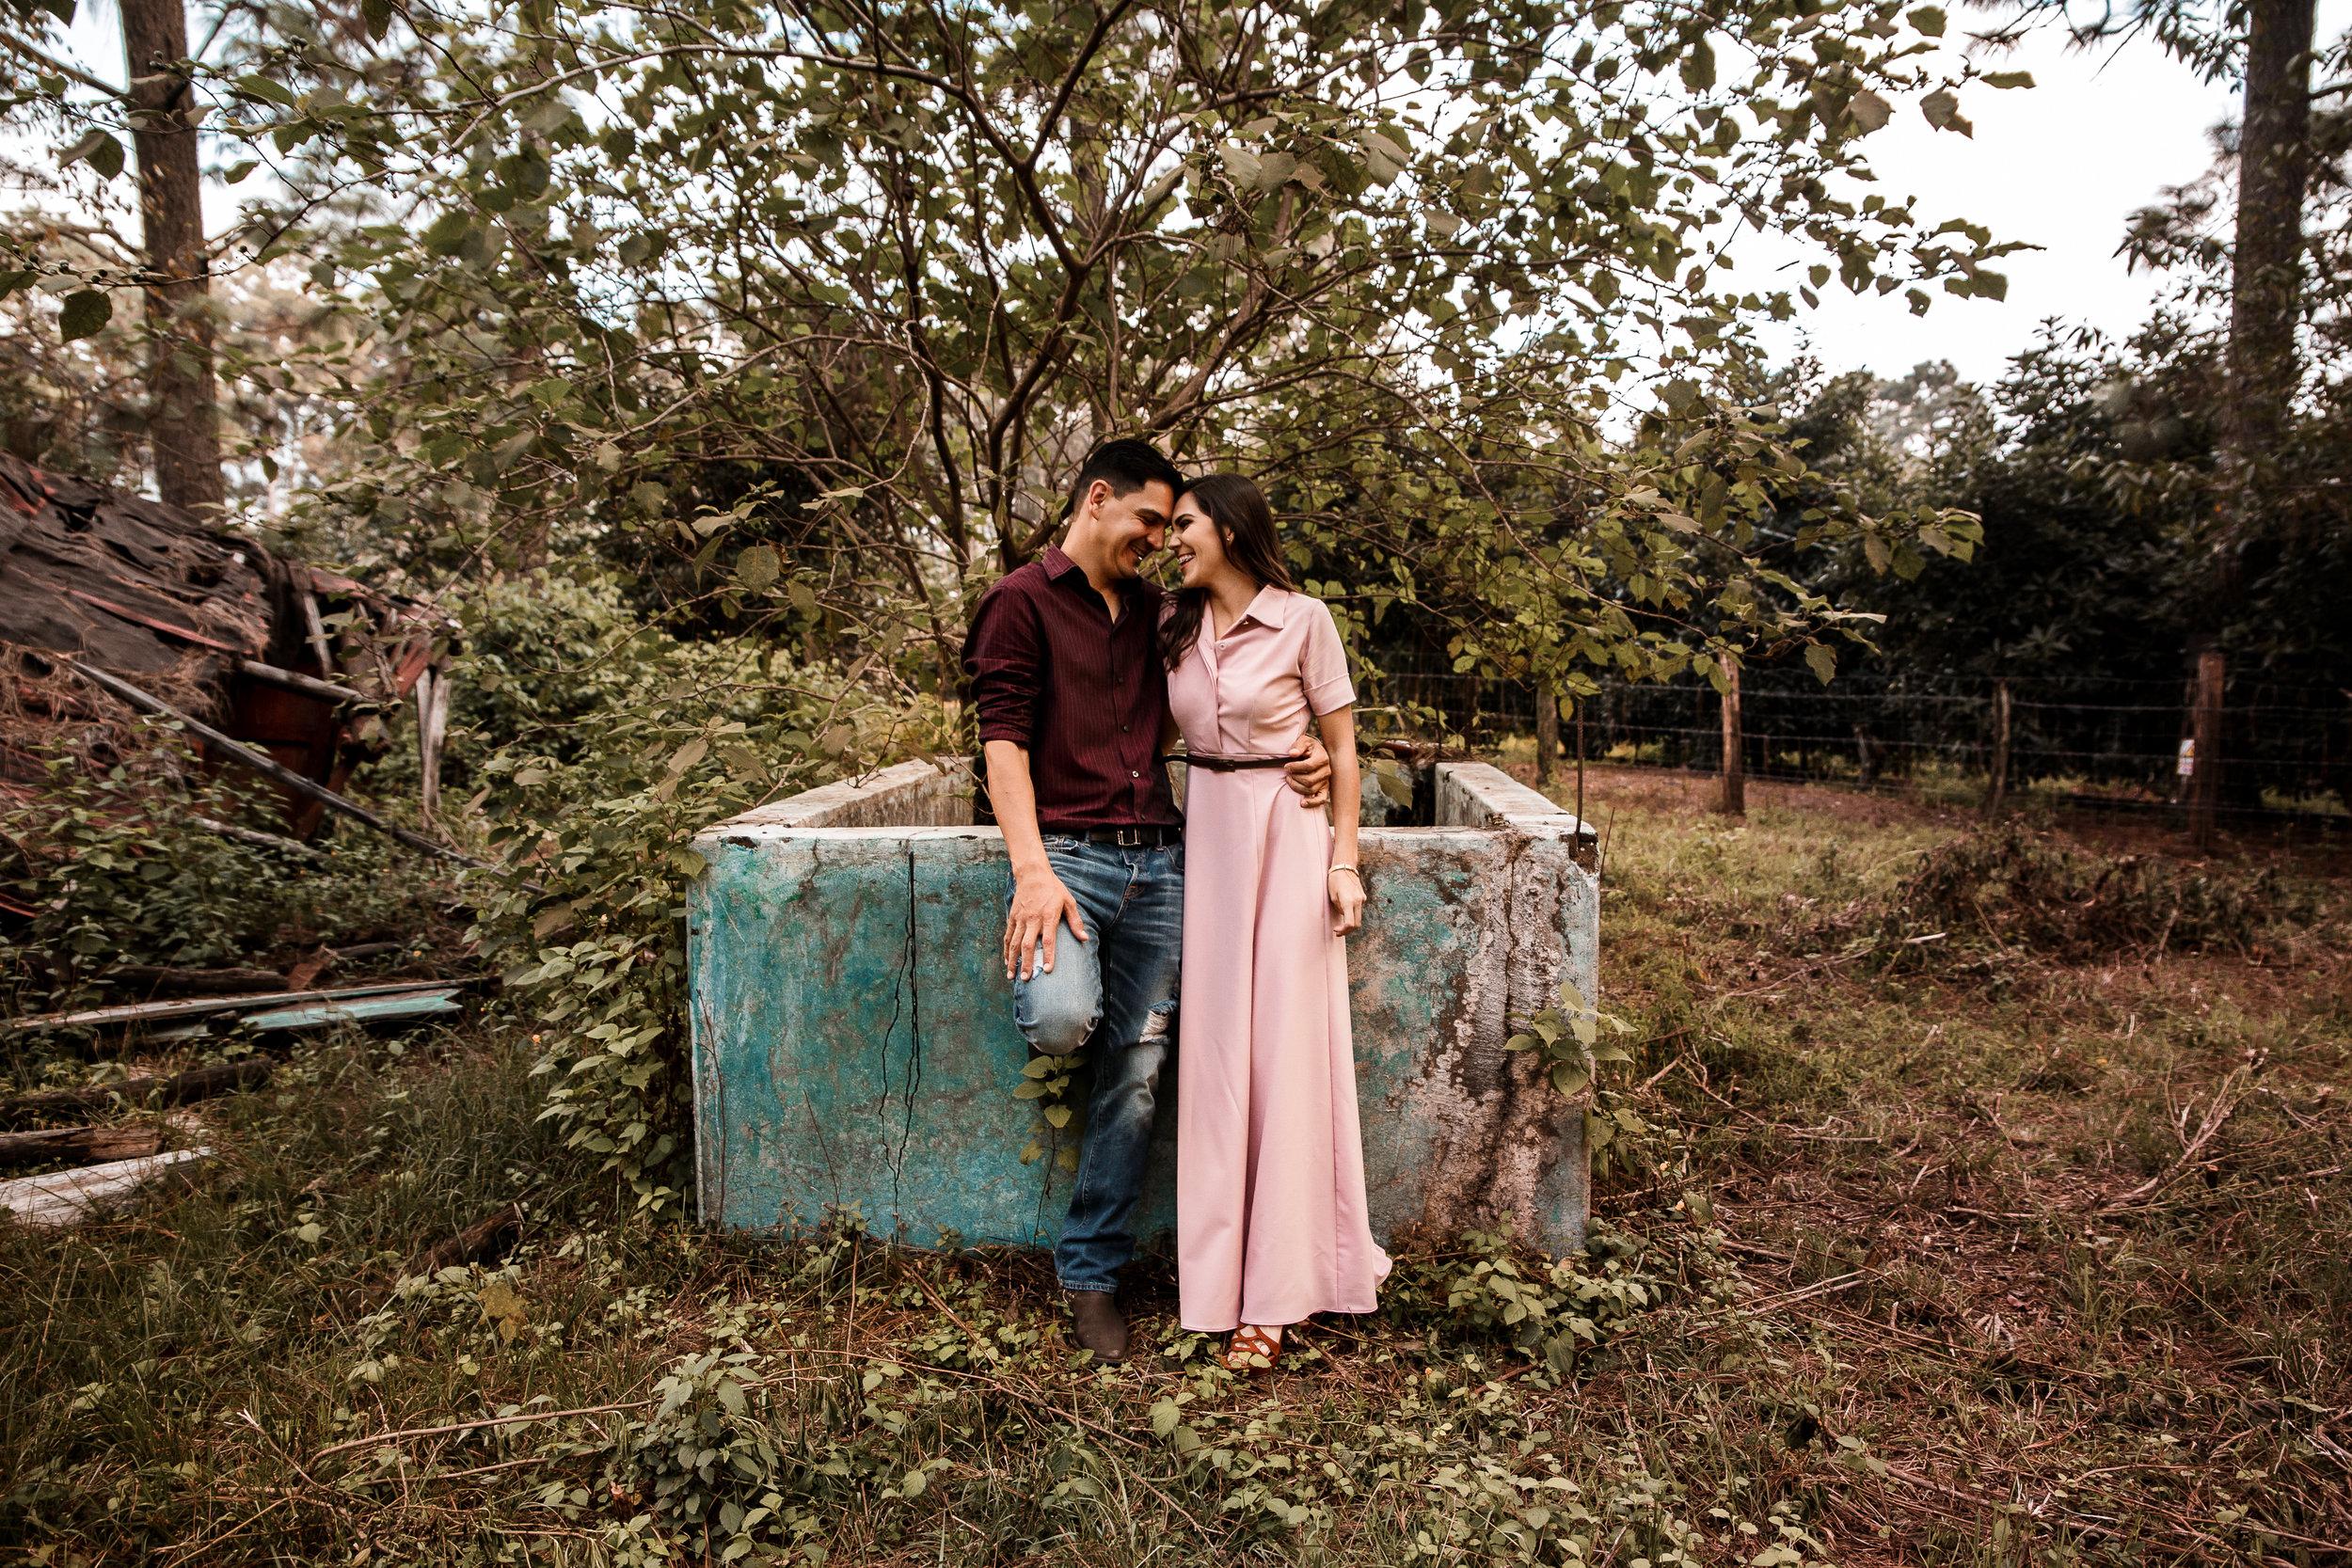 Fotografo-de-bodas-destino-Mexico-wedding-destination-photographer-san-miguel-de-allende-guanajuato-queretaro-boho-bohemian-bohemio-chic-editorial-carotida-photographer-lago-michoacan-los-cabos